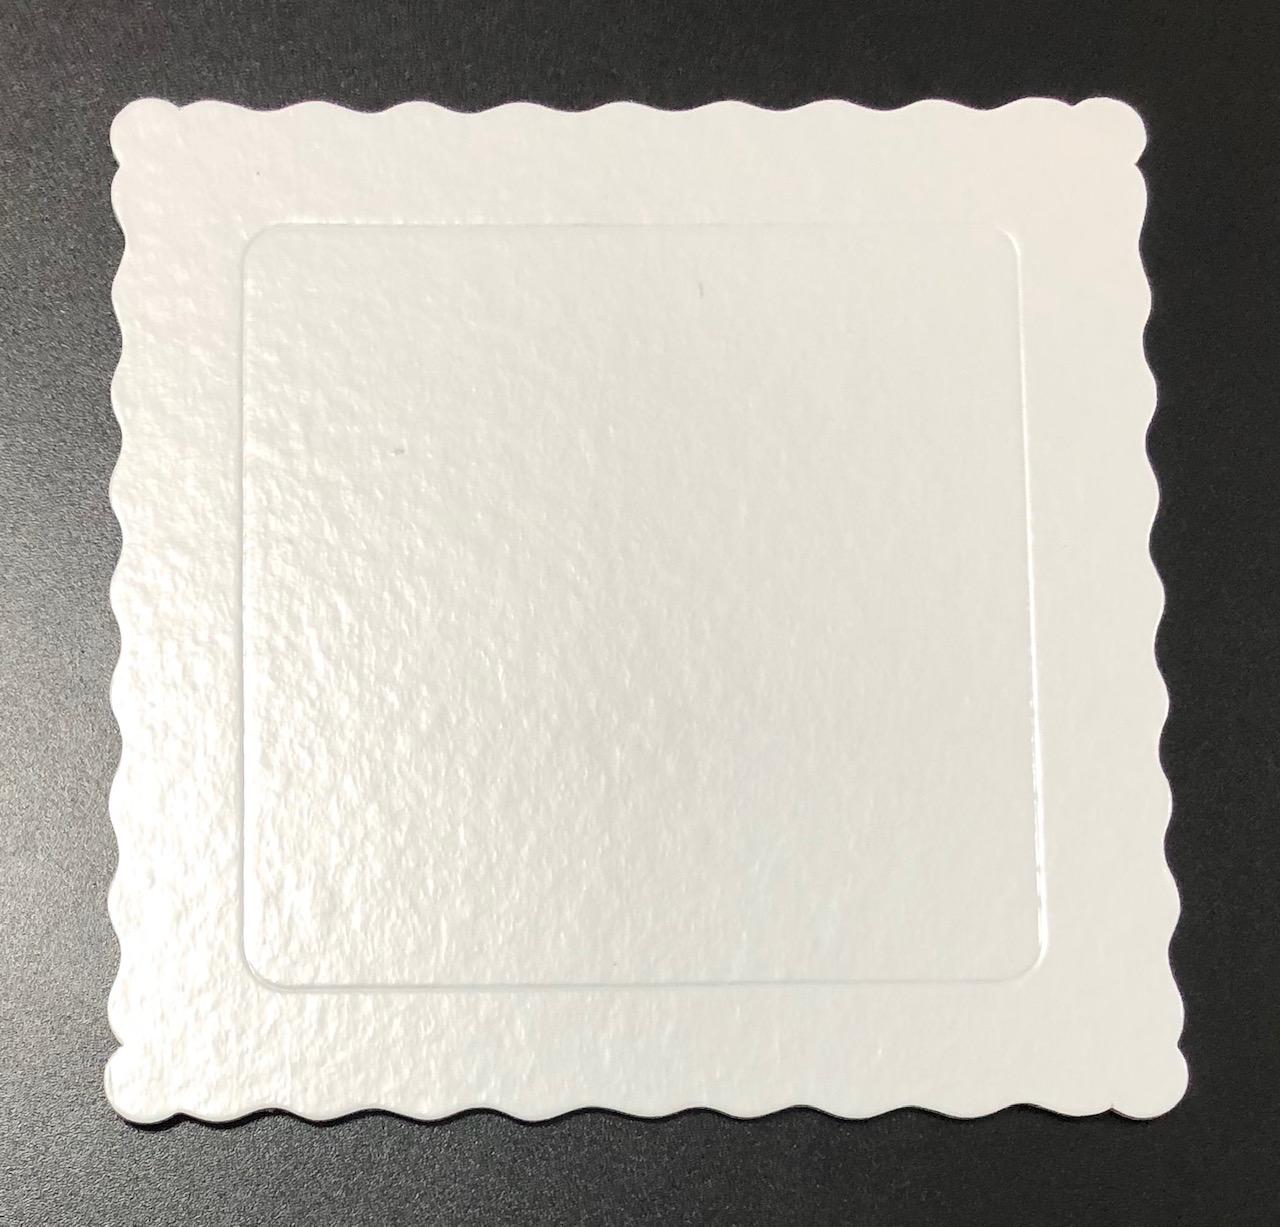 100 Bases Laminadas Para Bolo Quadrado, Cake Board 20x20cm - Branco